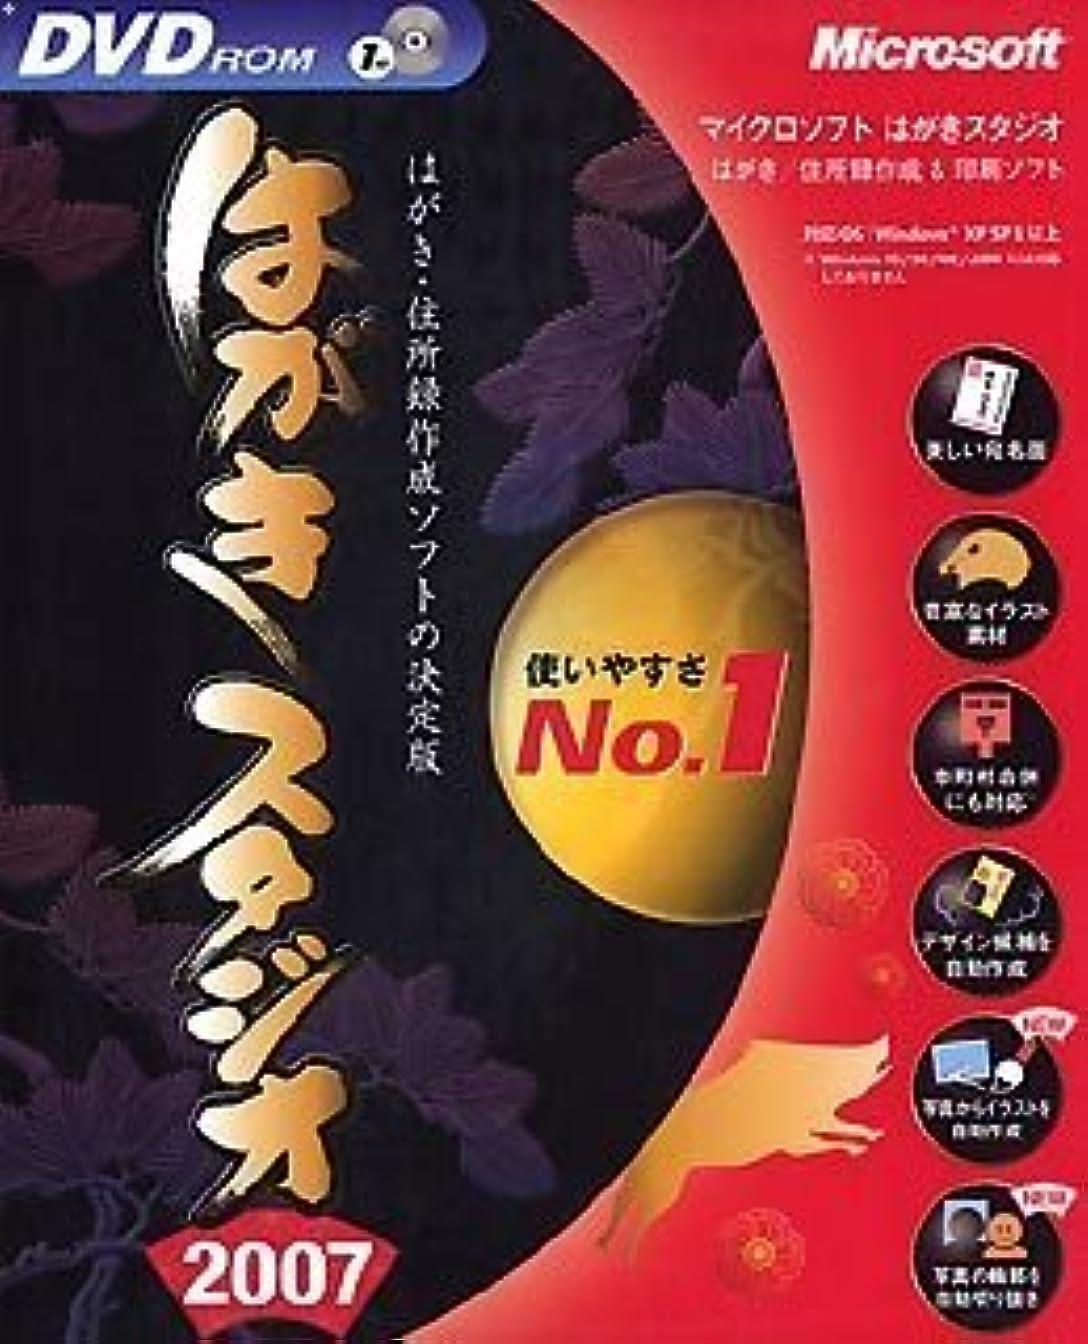 北西スキッパーヘッジはがきスタジオ 2007 DVD-ROM版